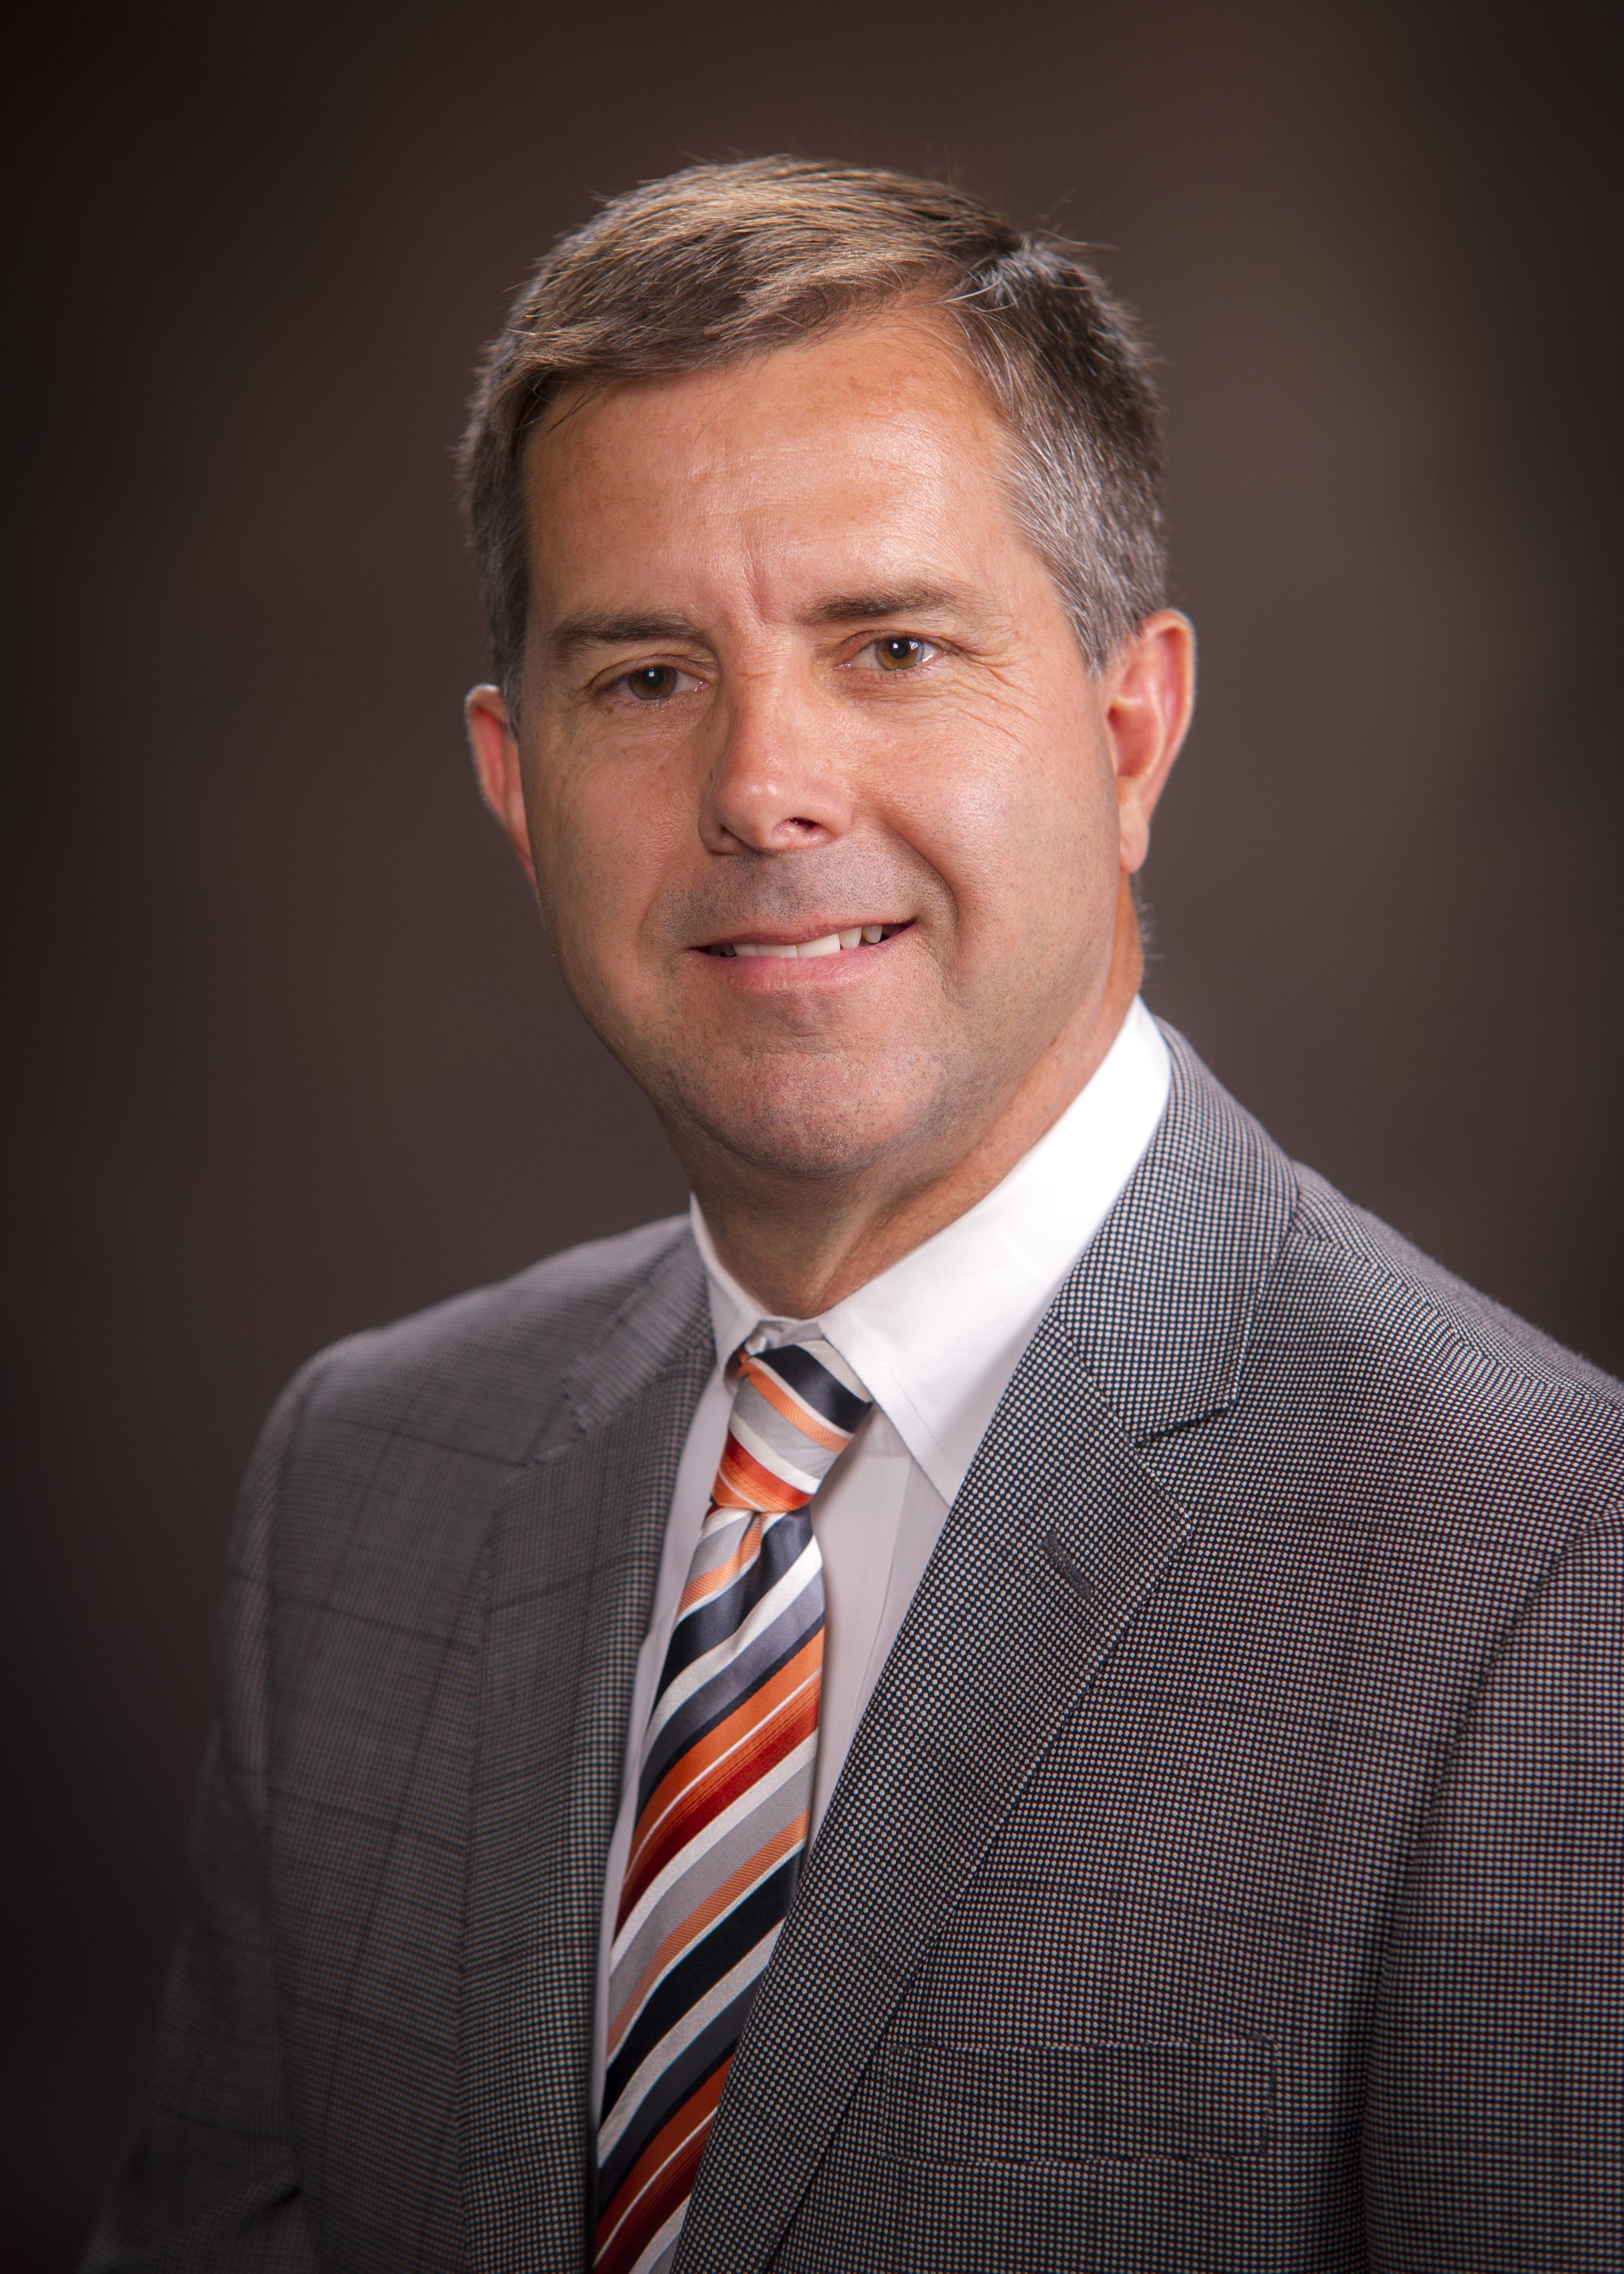 David L. Lalman